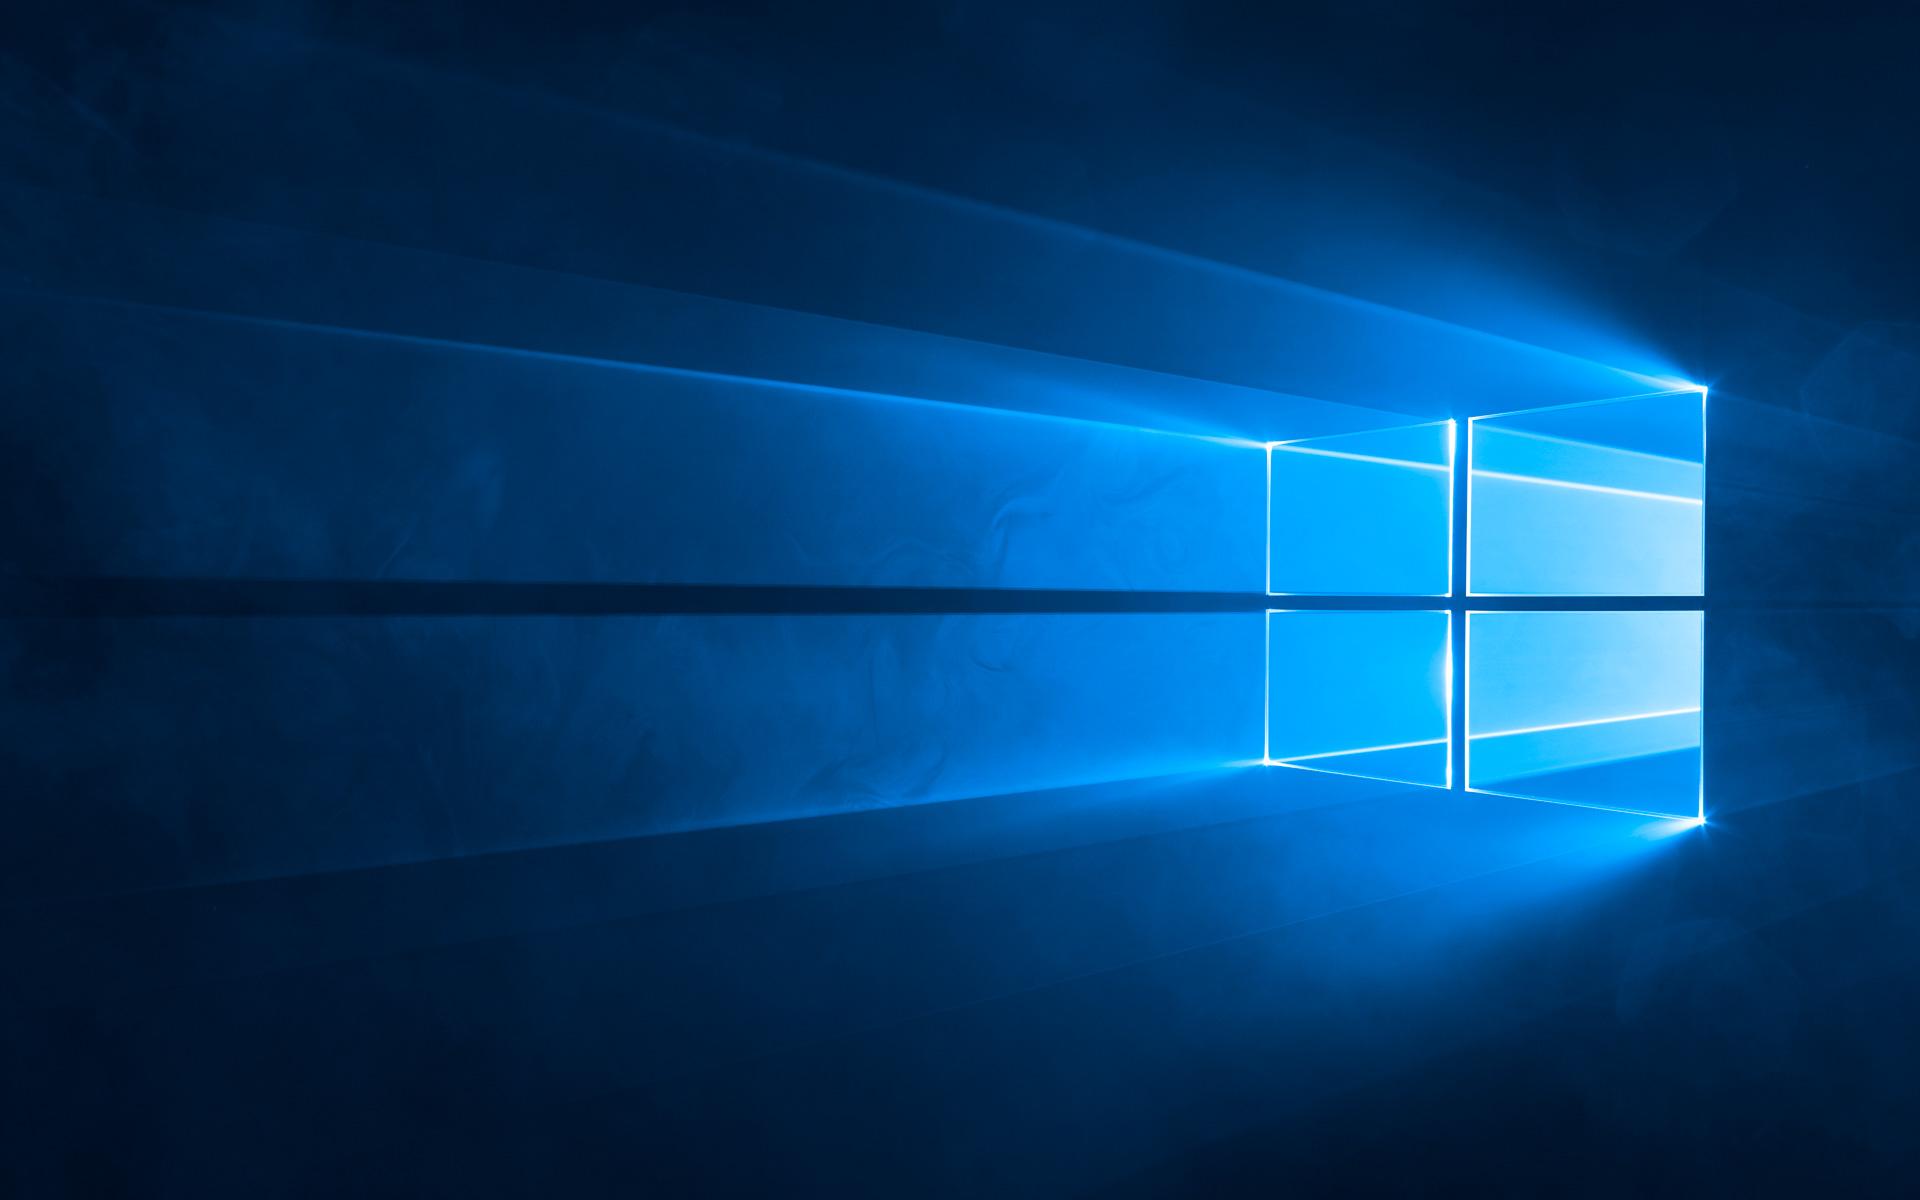 Windows 7 / 8.x系统迎来了与Windows 10系统有关的新补丁